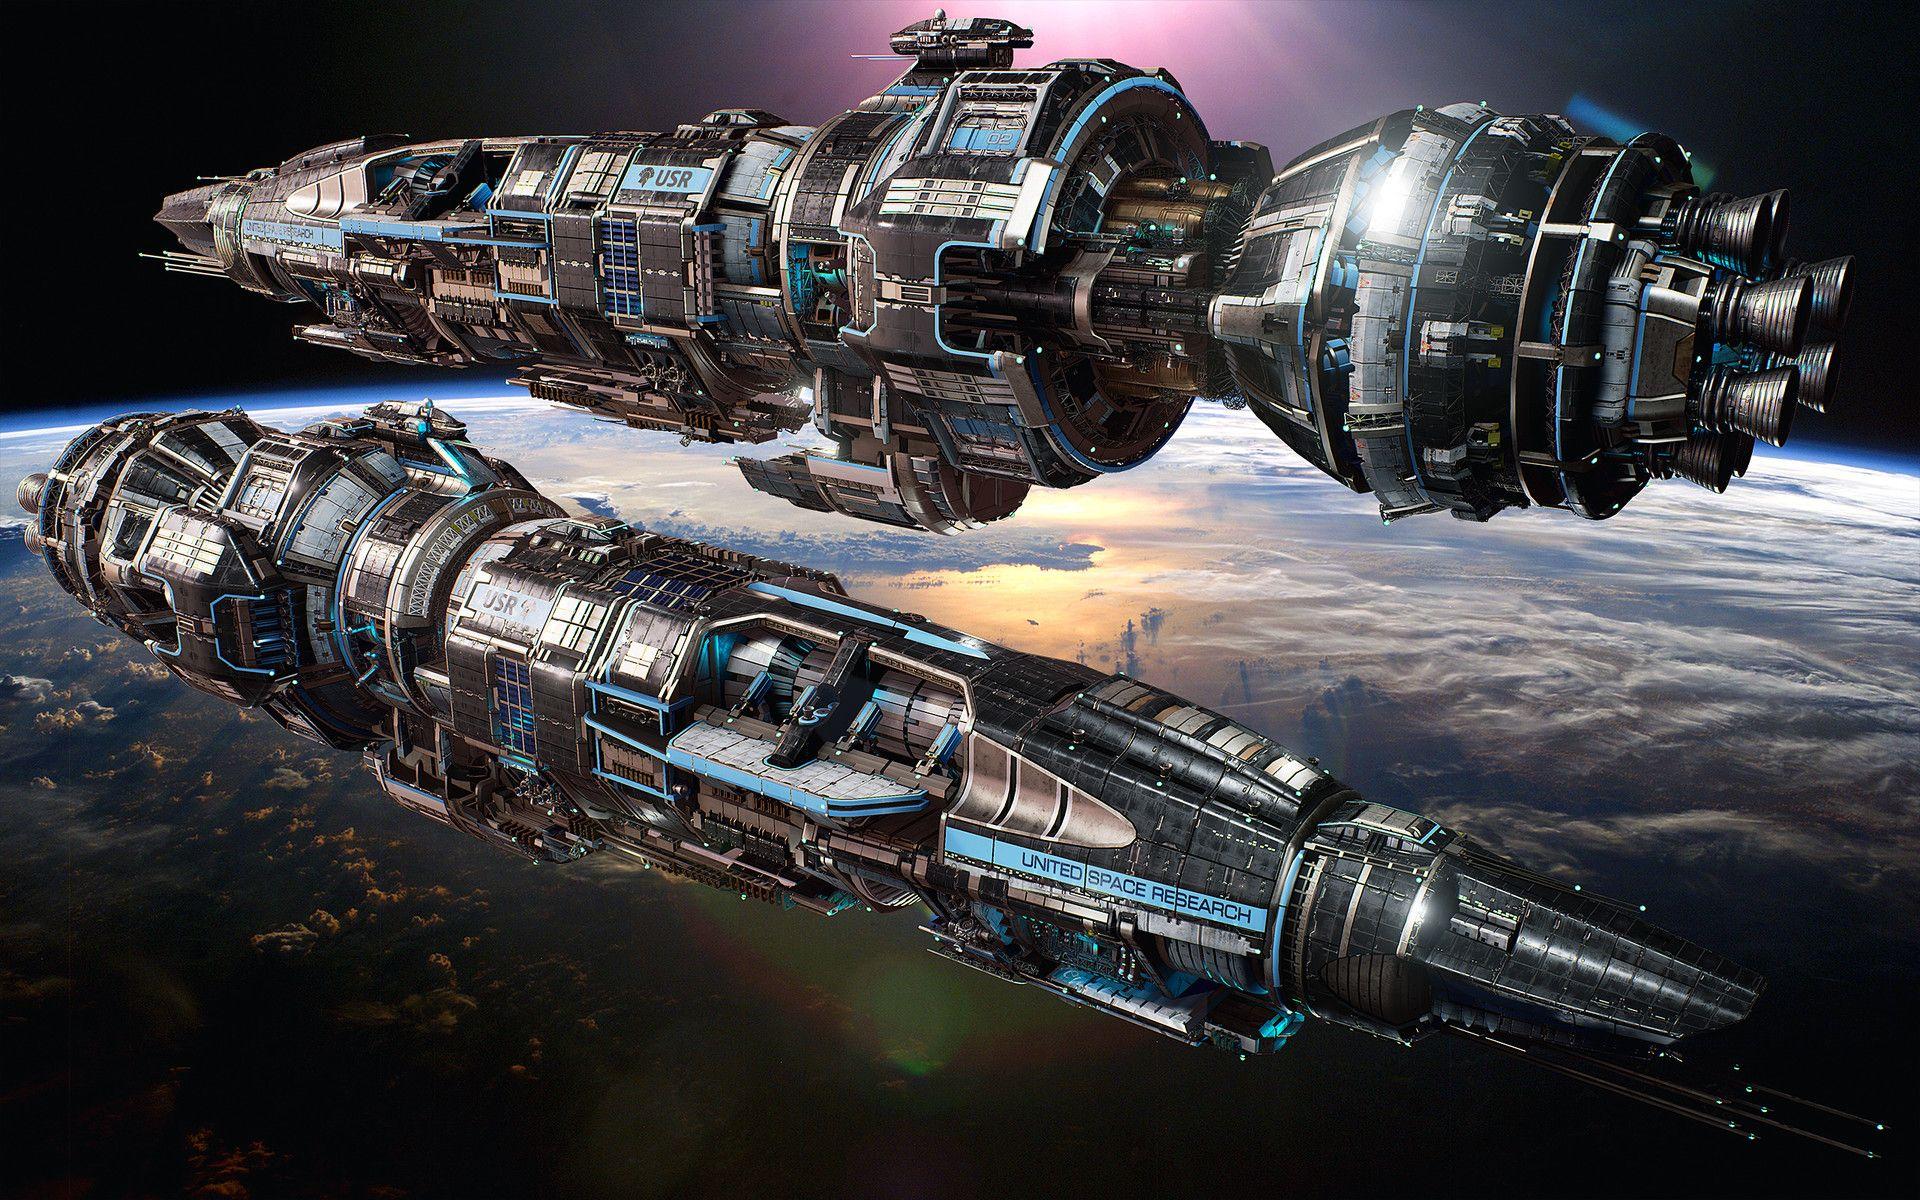 http://bit.ly/1VuOxDp on ArtStation byHans Palm: USR Ares  Legendary tier Destroyer skin  Fractured Space. #spaceship #videogame #scifi #spacewar